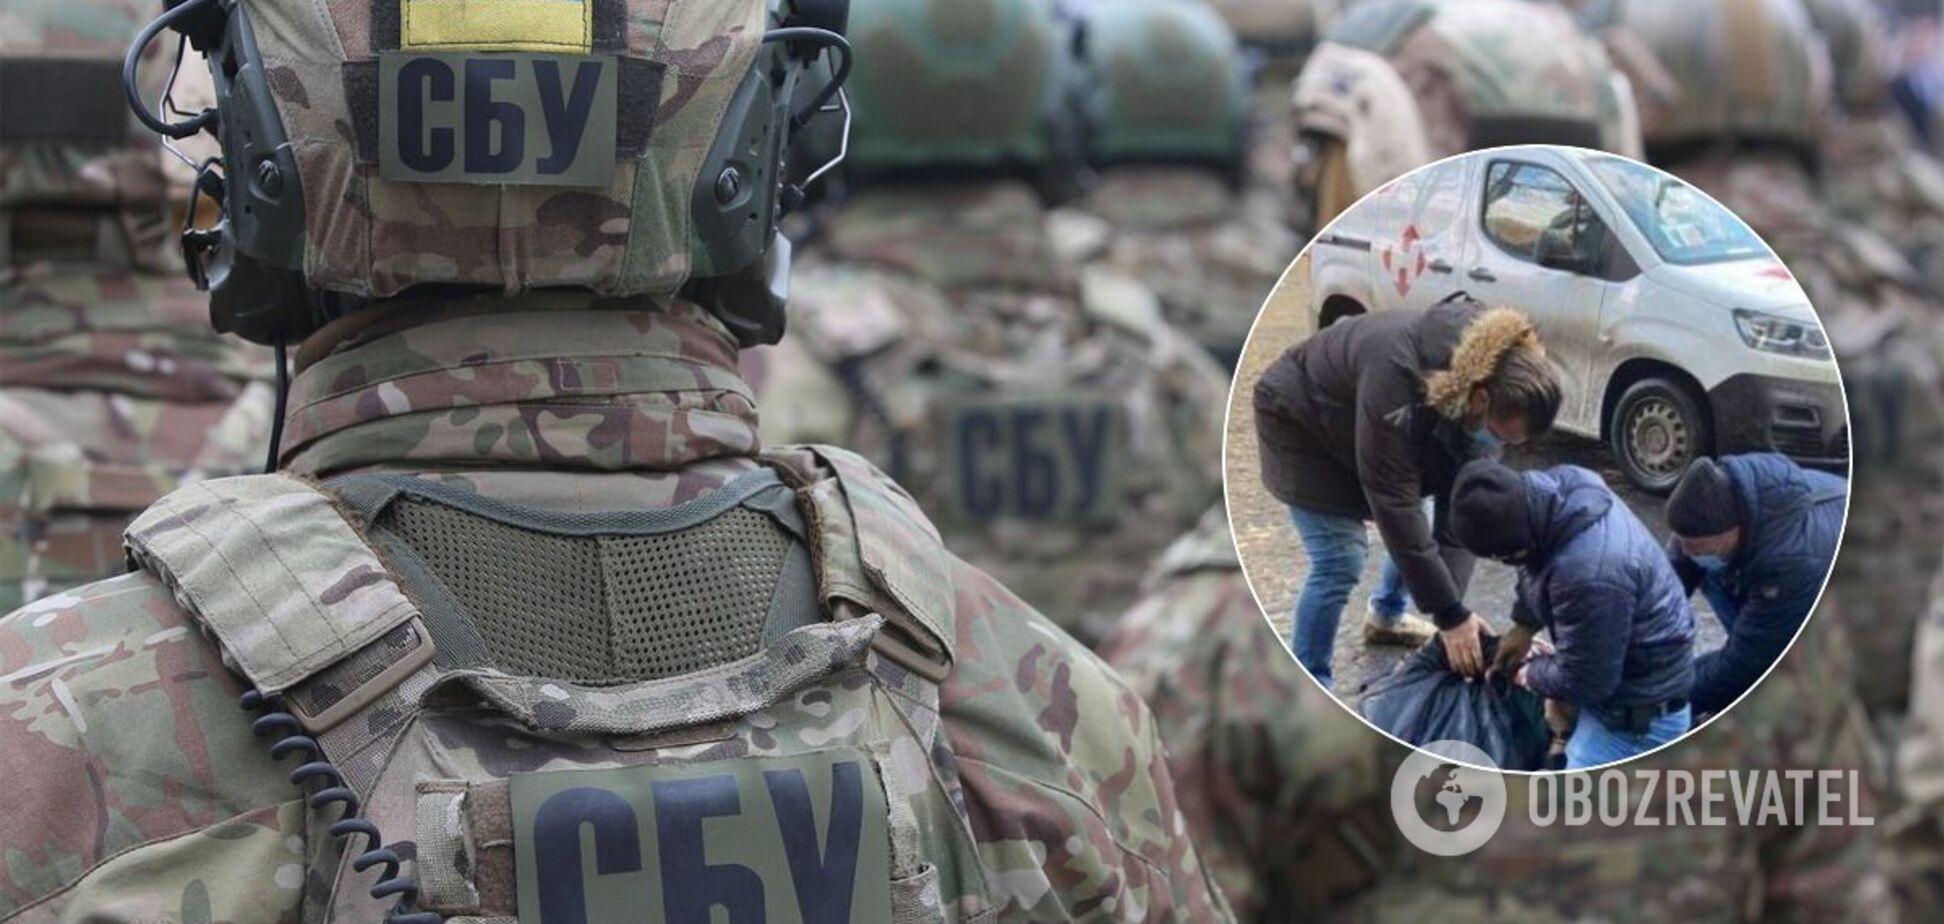 Всплыли детали спецоперации по задержанию бывшего зампреда СБУ